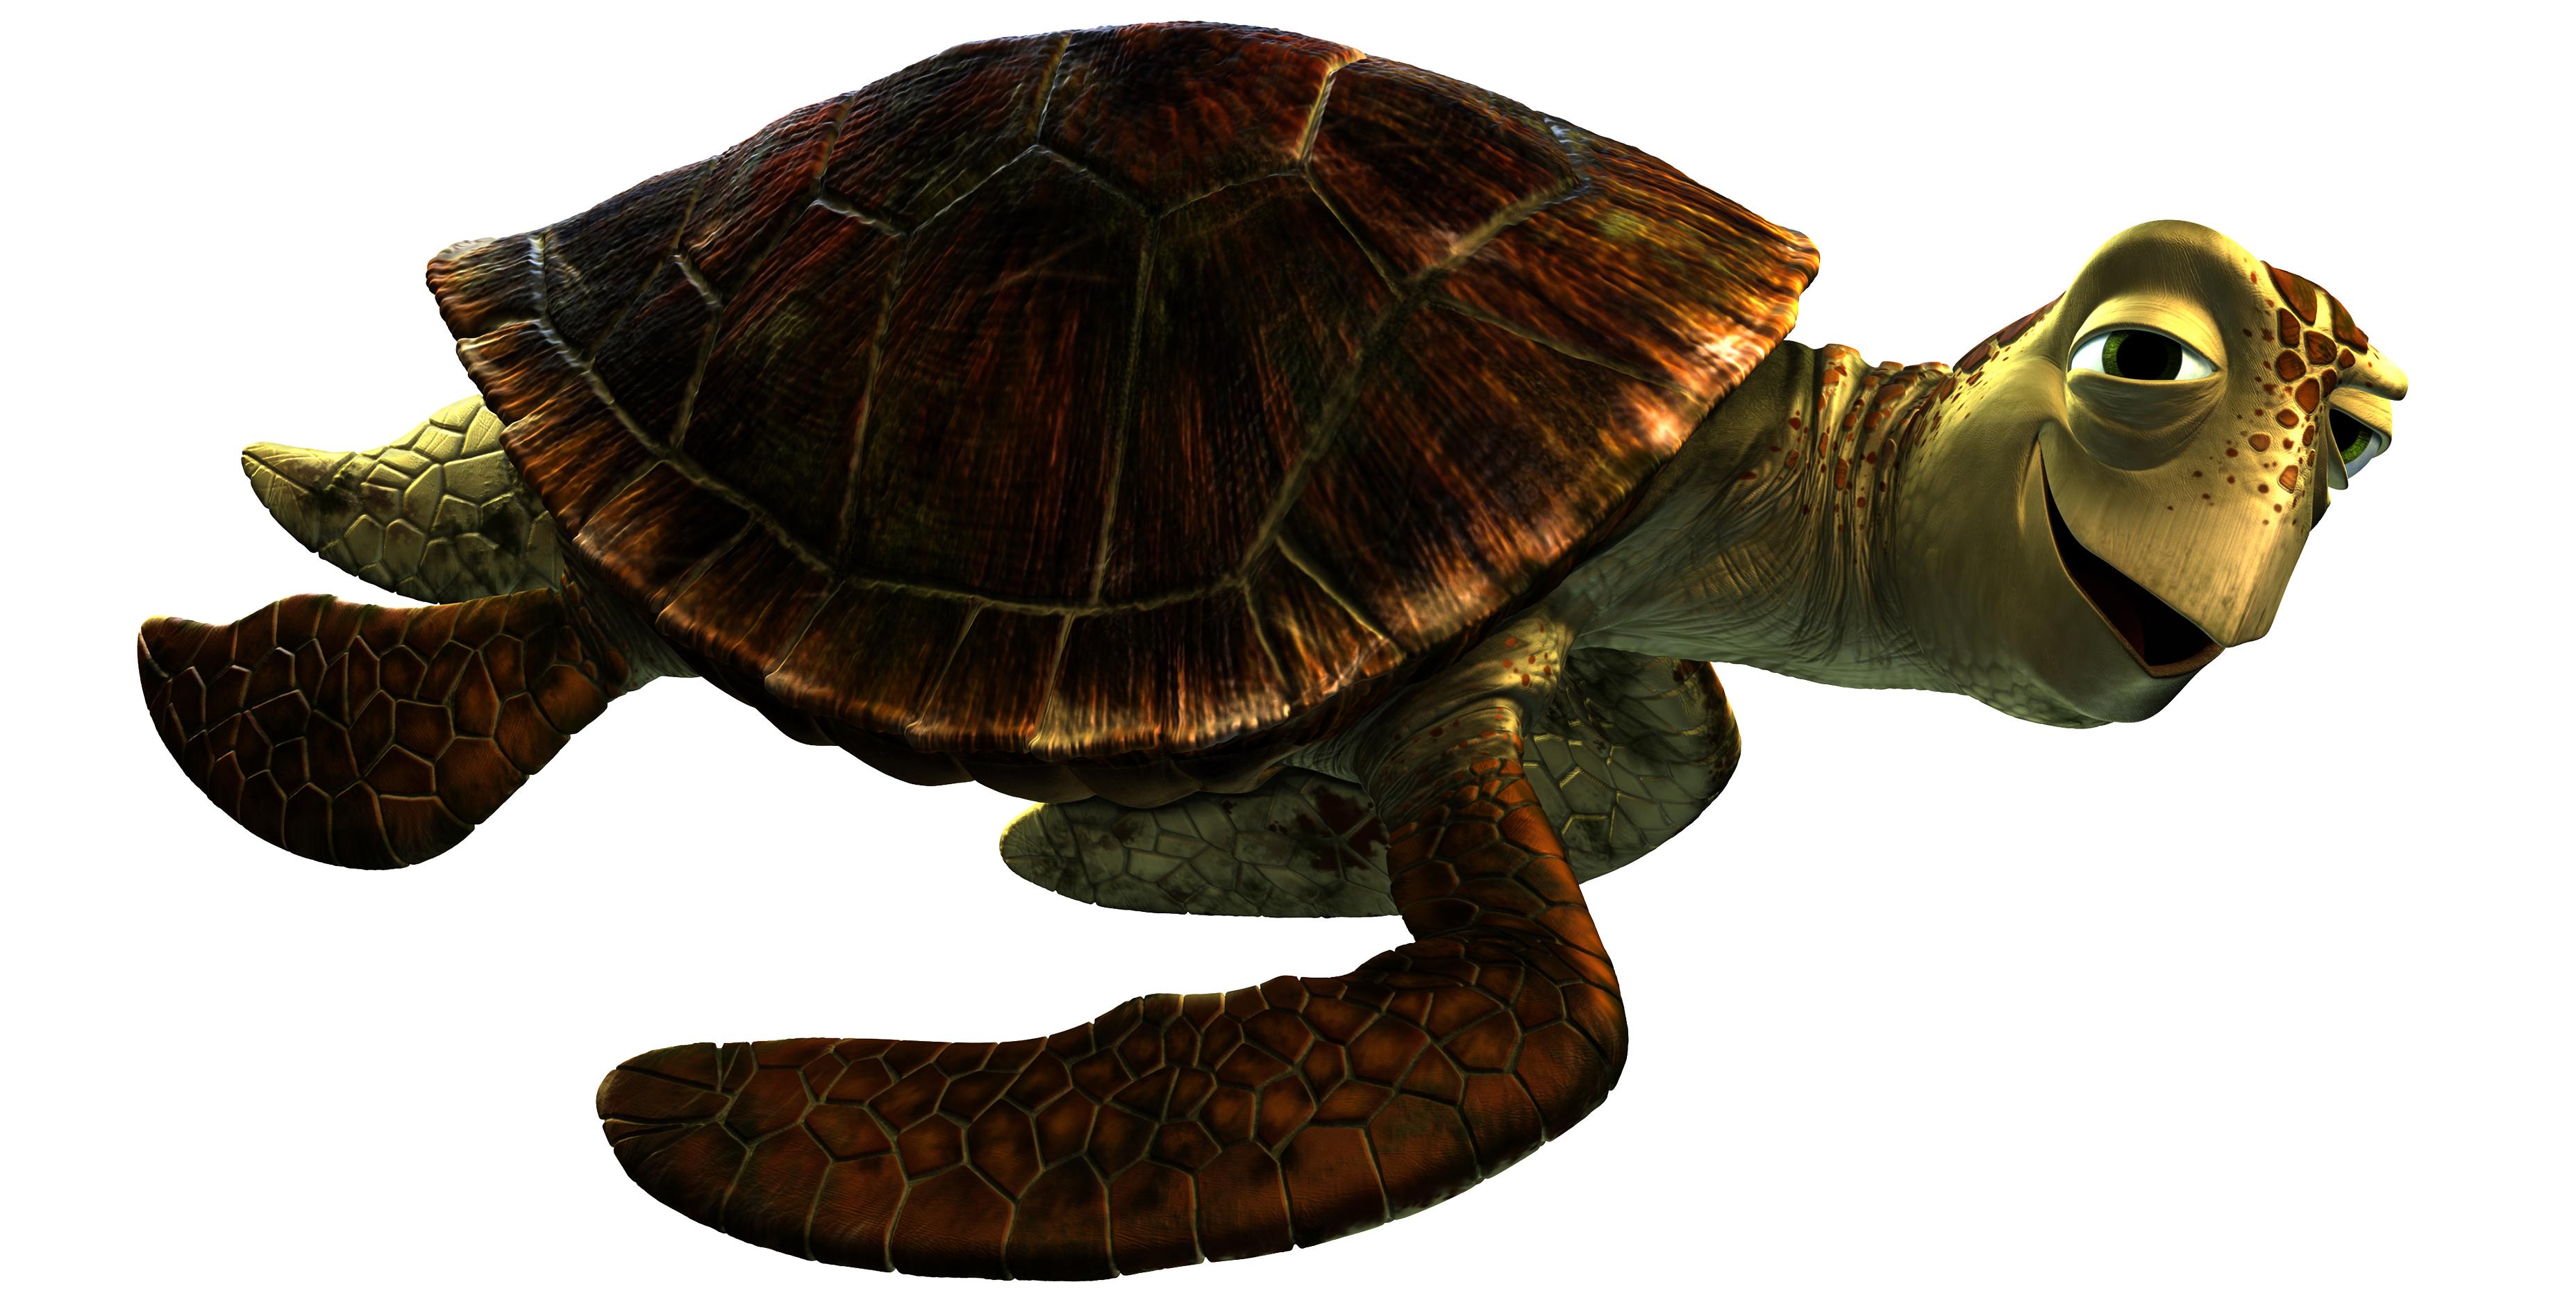 Combien de temps vit une tortue aquatique envies animales - Images tortue ...